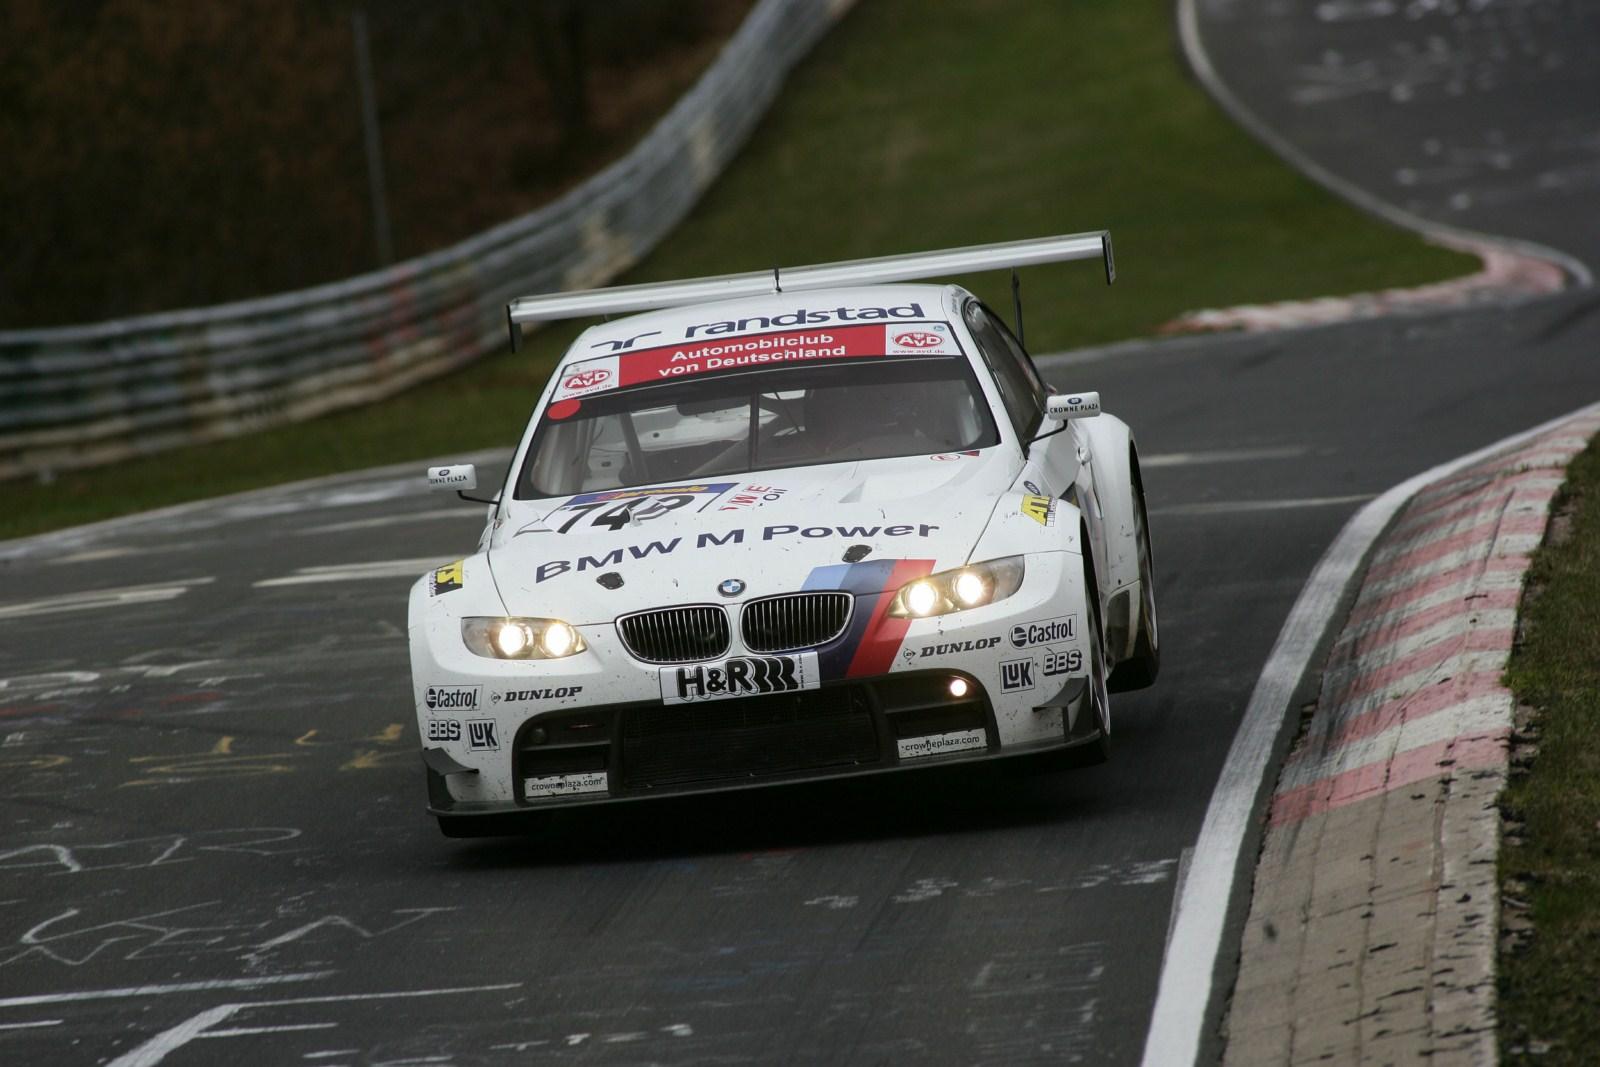 BMW-Motorsport-Saison-2010-061.jpg